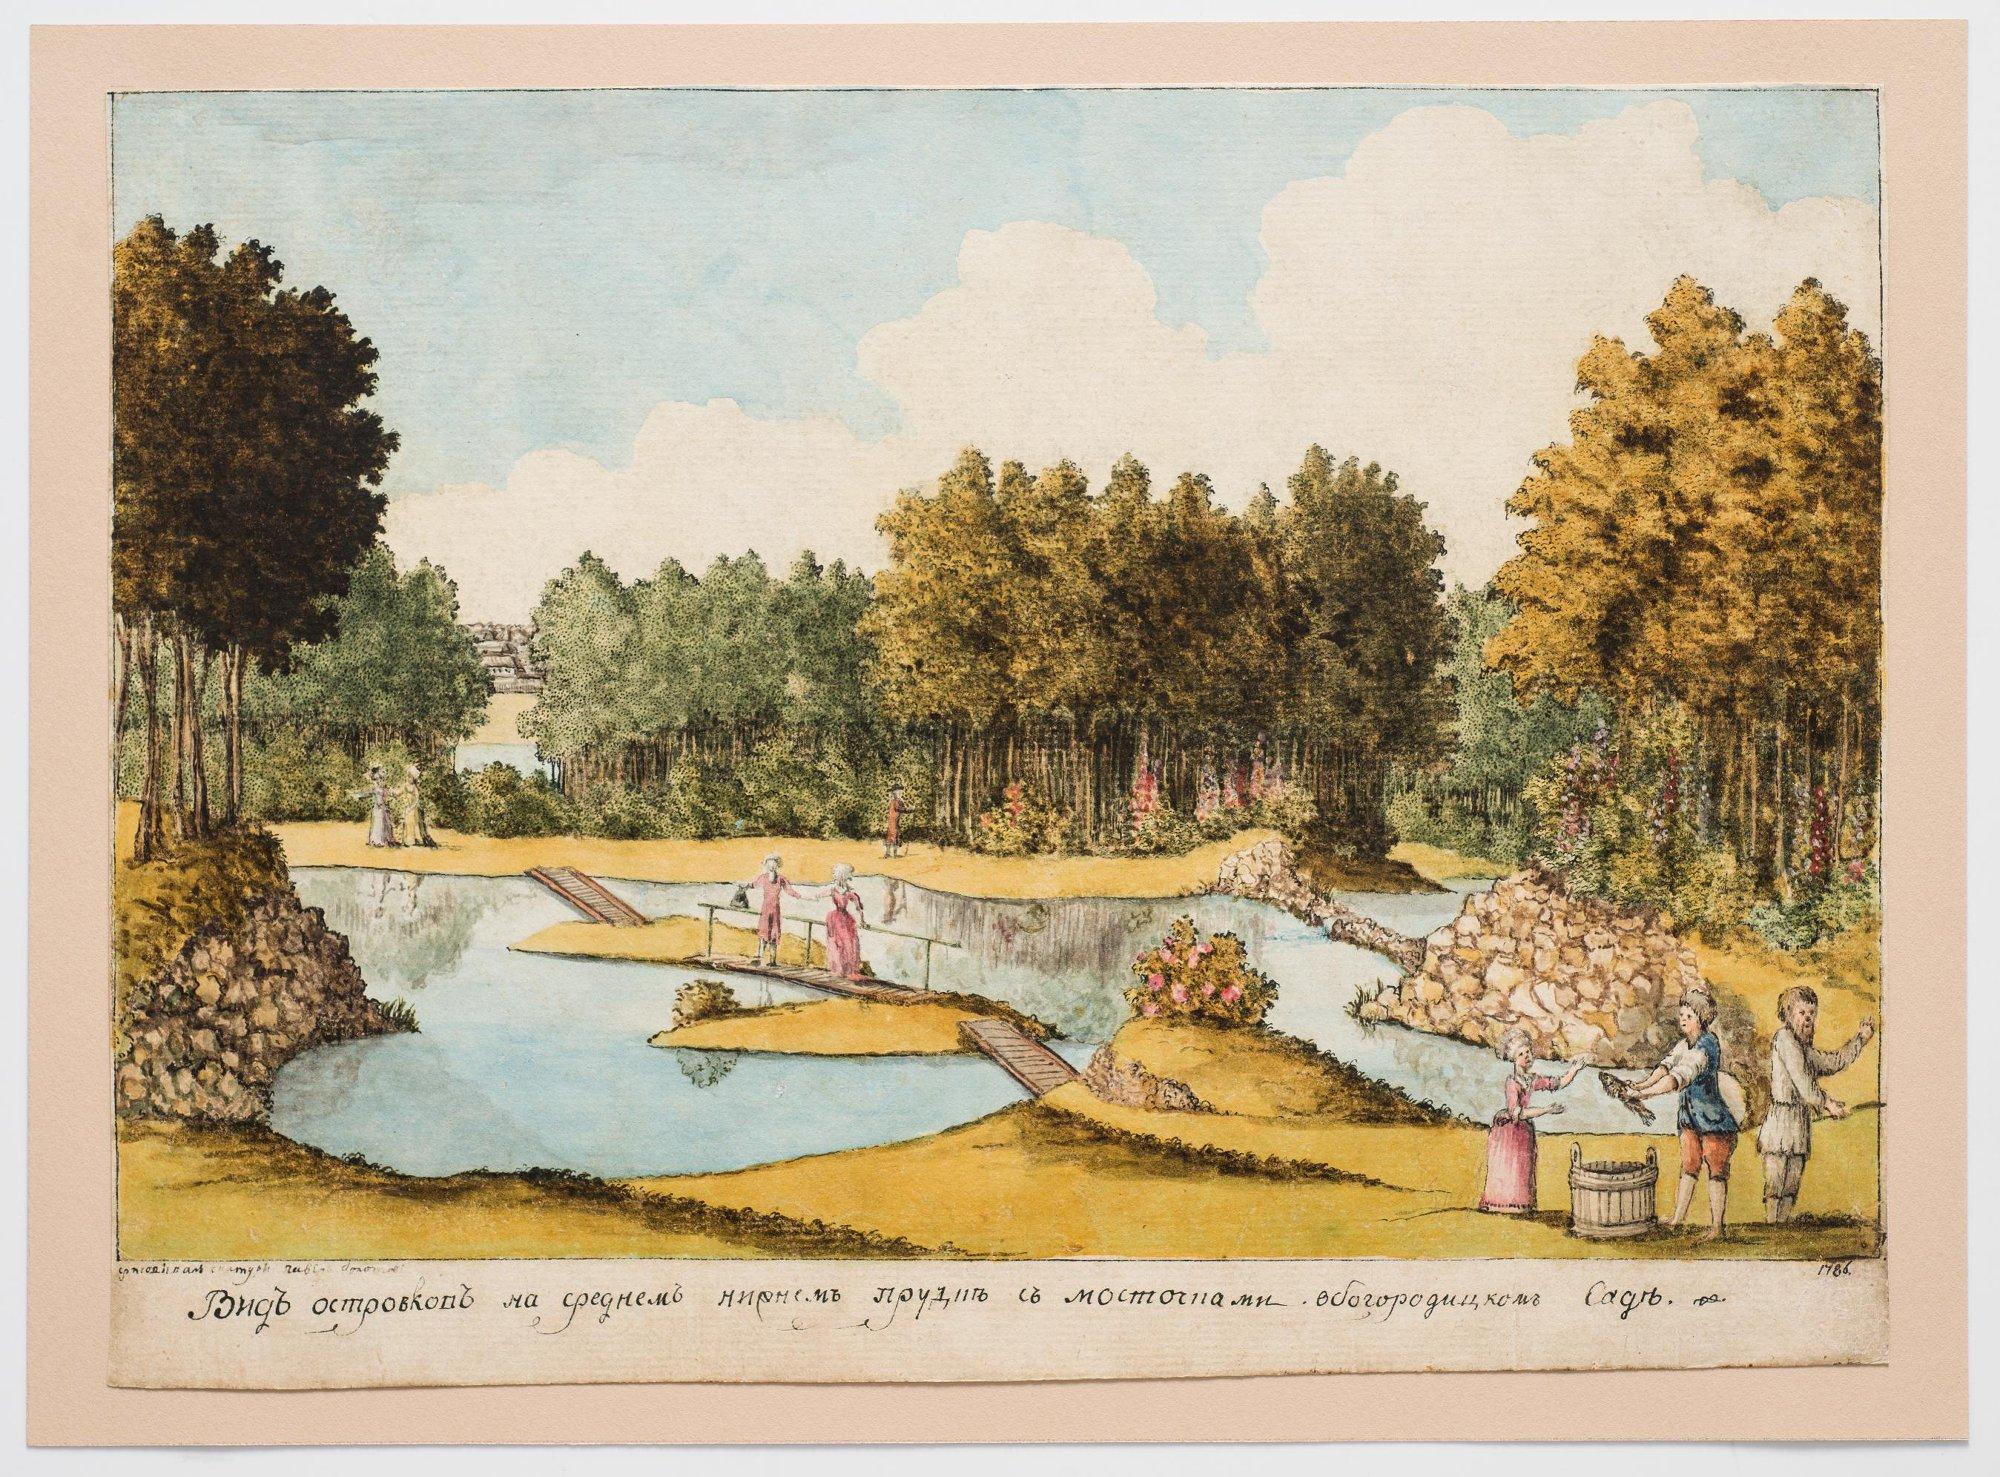 Вид островков на Нижнем пруду в Богородицком парке (Вид островков на среднем нижнем прудке с мосточками в Богородицком Саде)